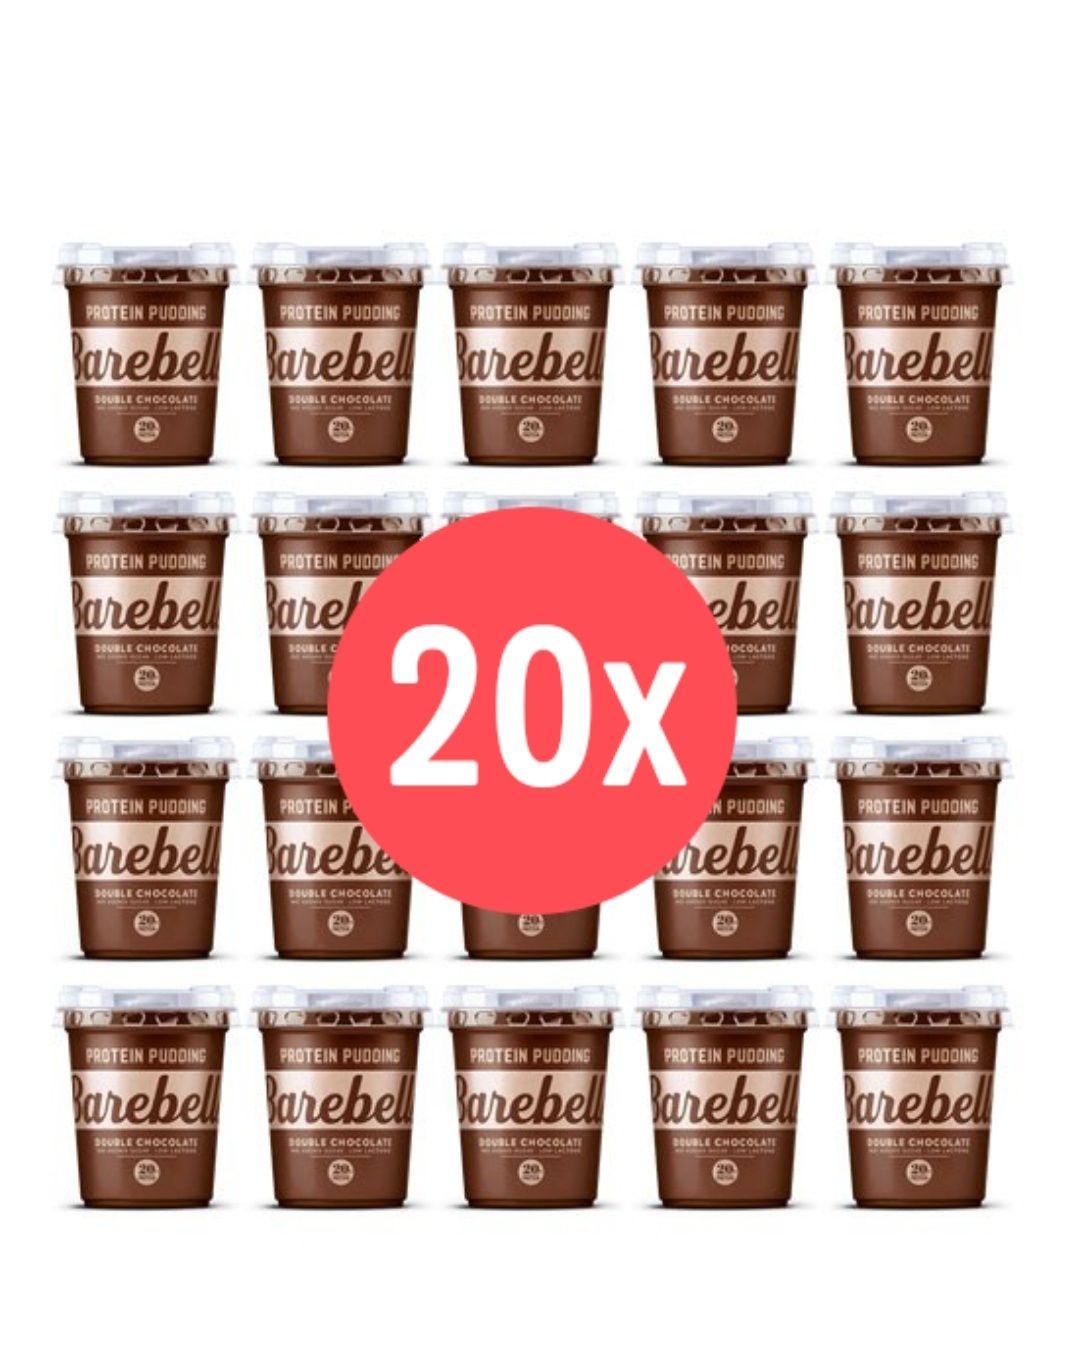 20x 200g Proteinpudding (Vanille oder Schoko, 20g Protein, MHD 10.02.)